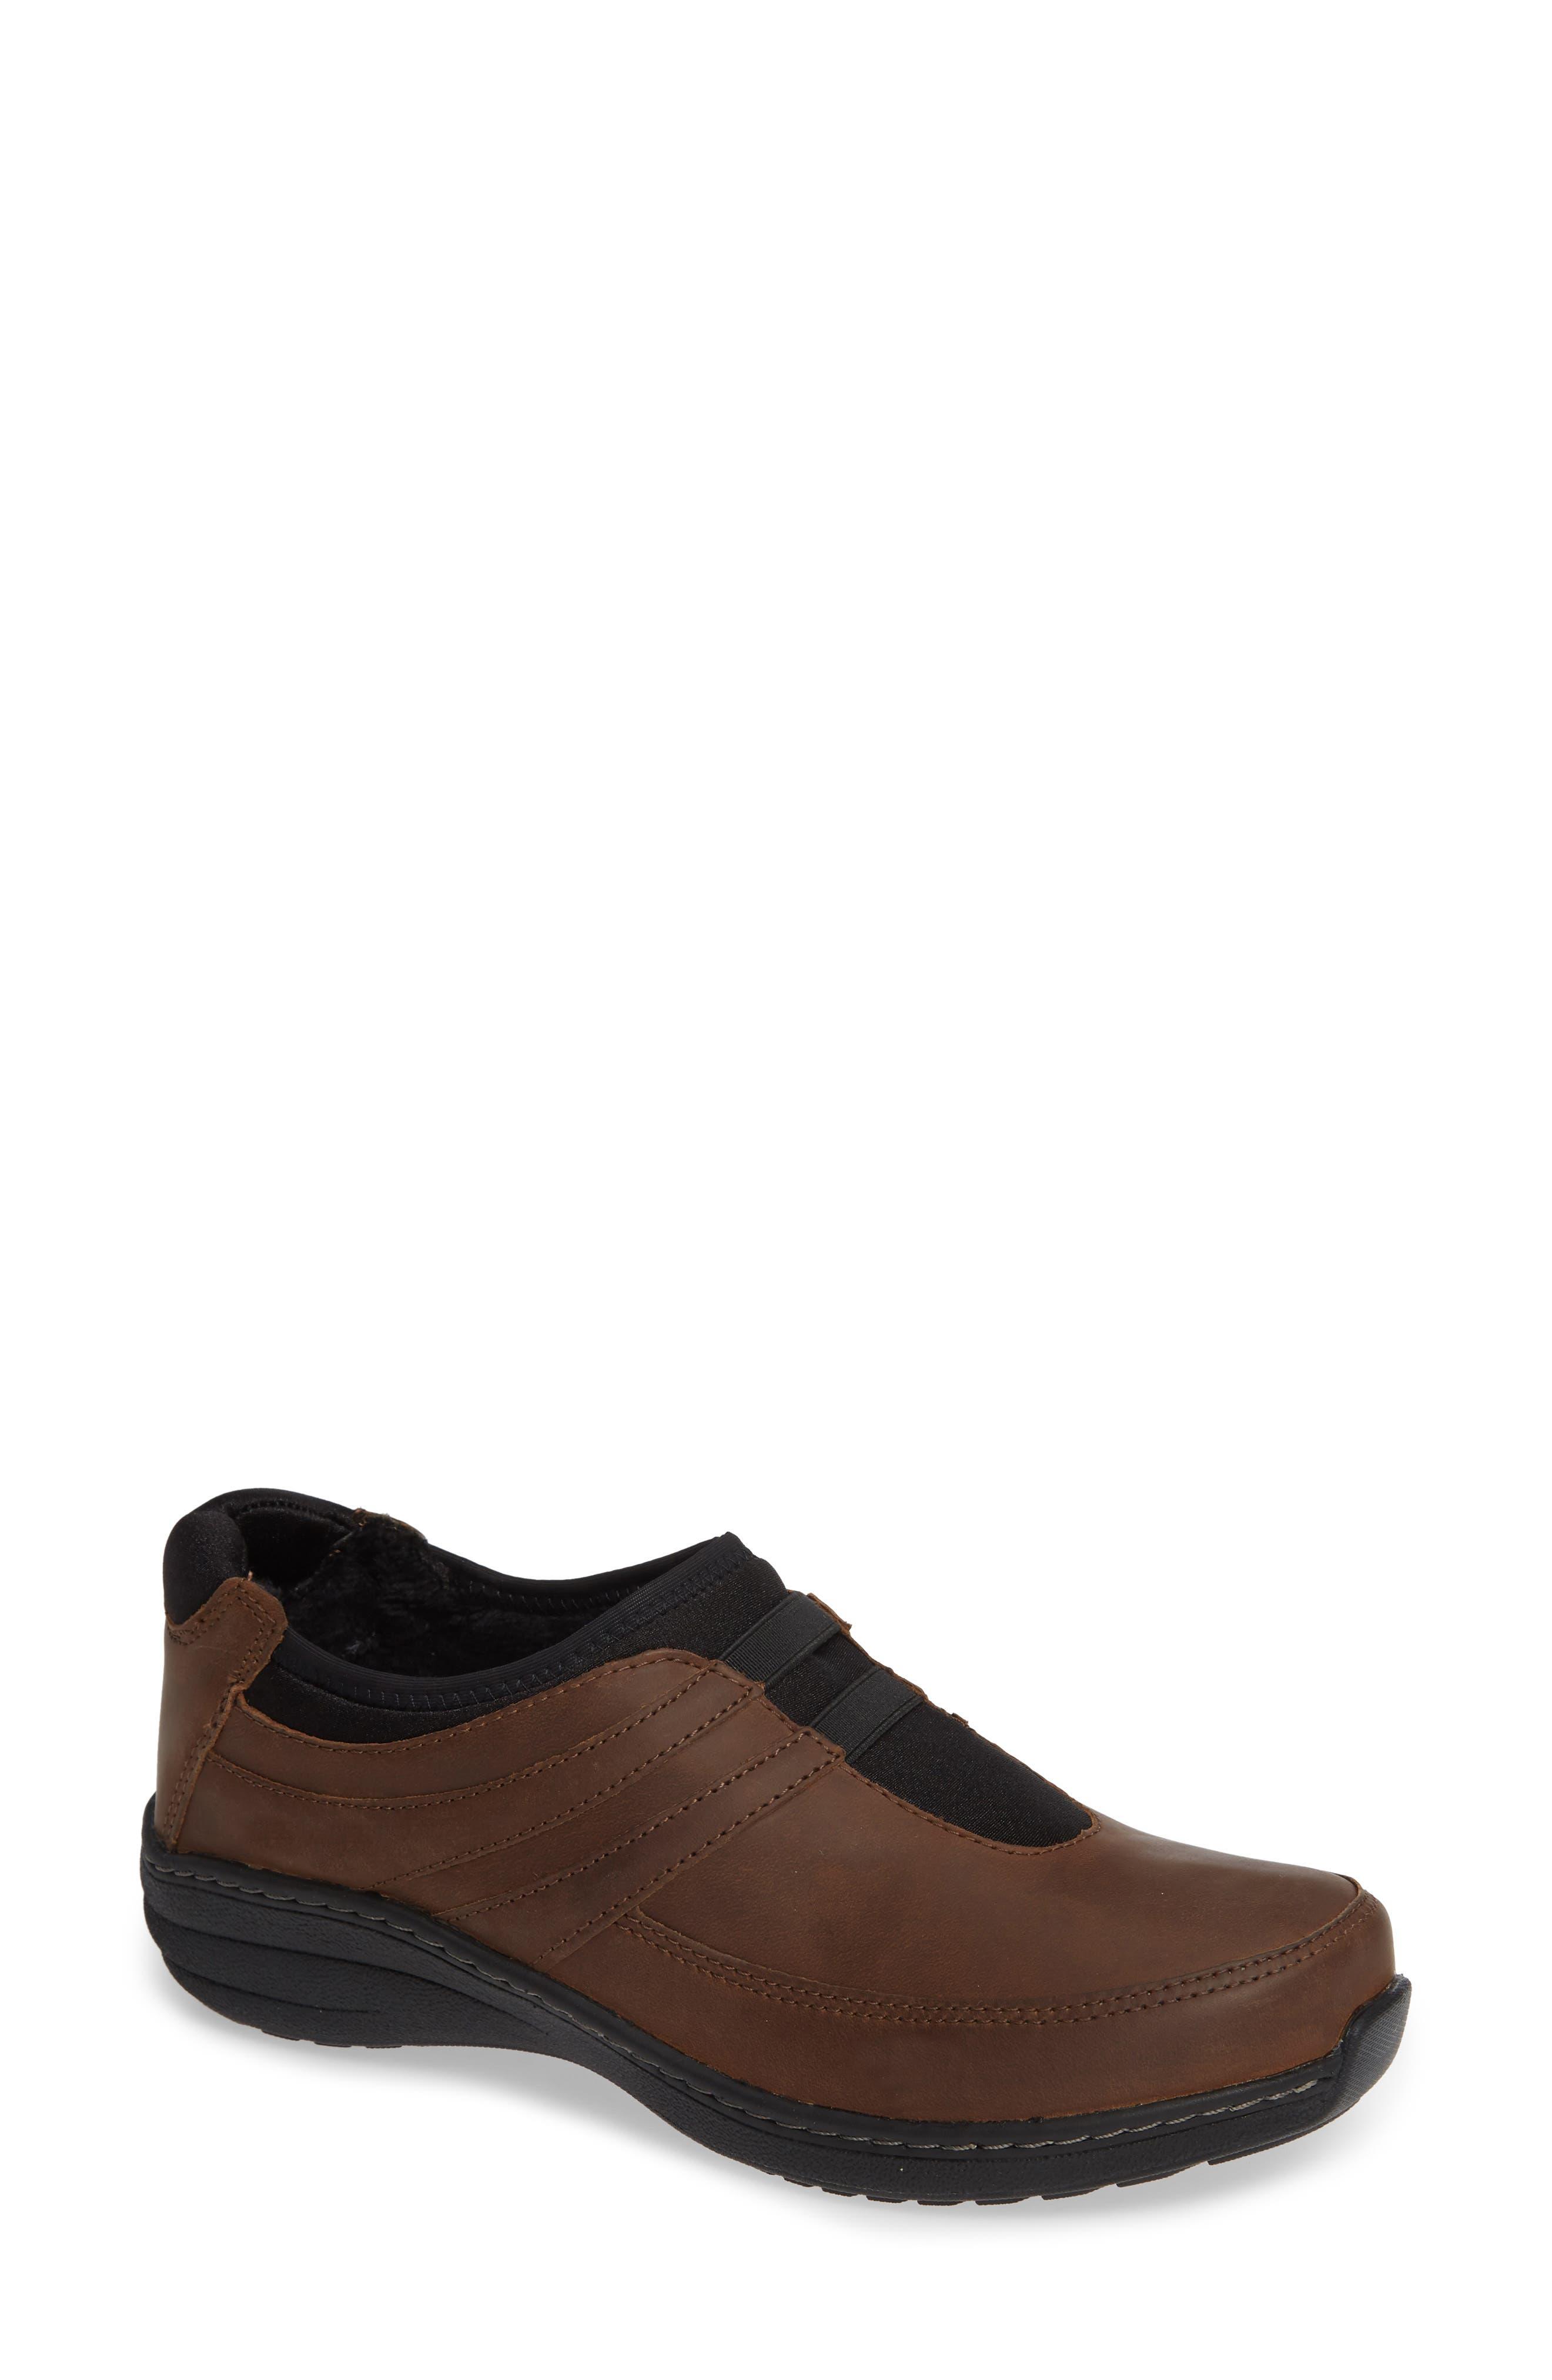 Aetrex Berries Slip-On Sneaker, Brown